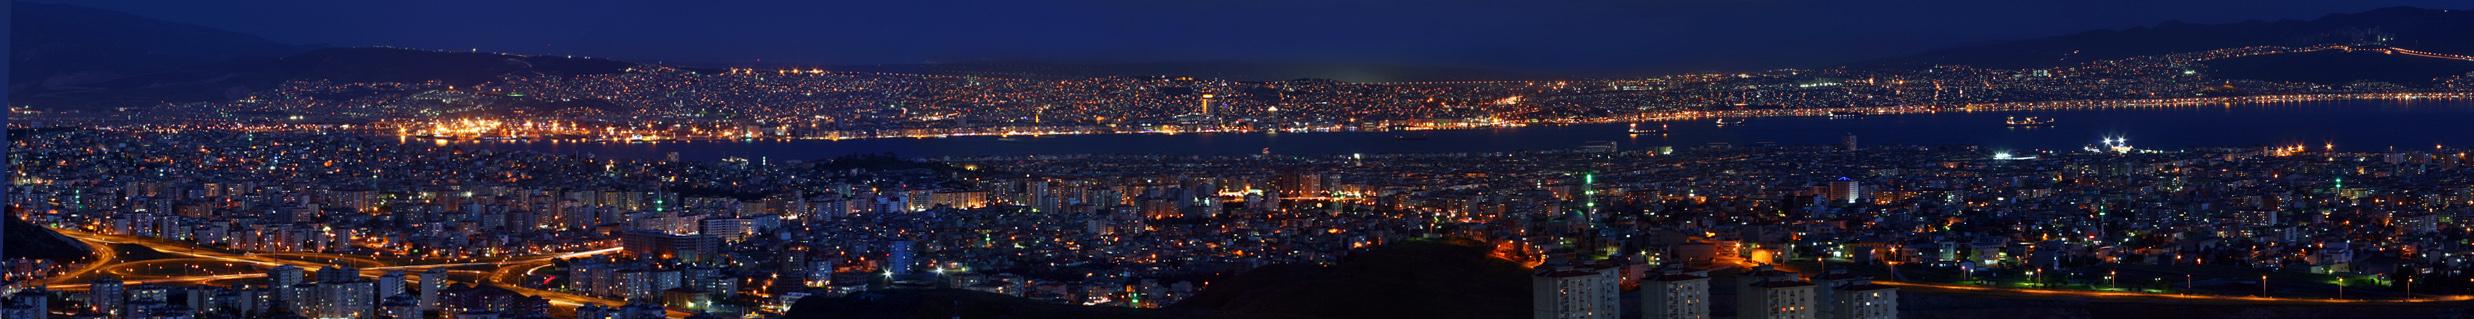 izmir night panorama by MehmetYasa